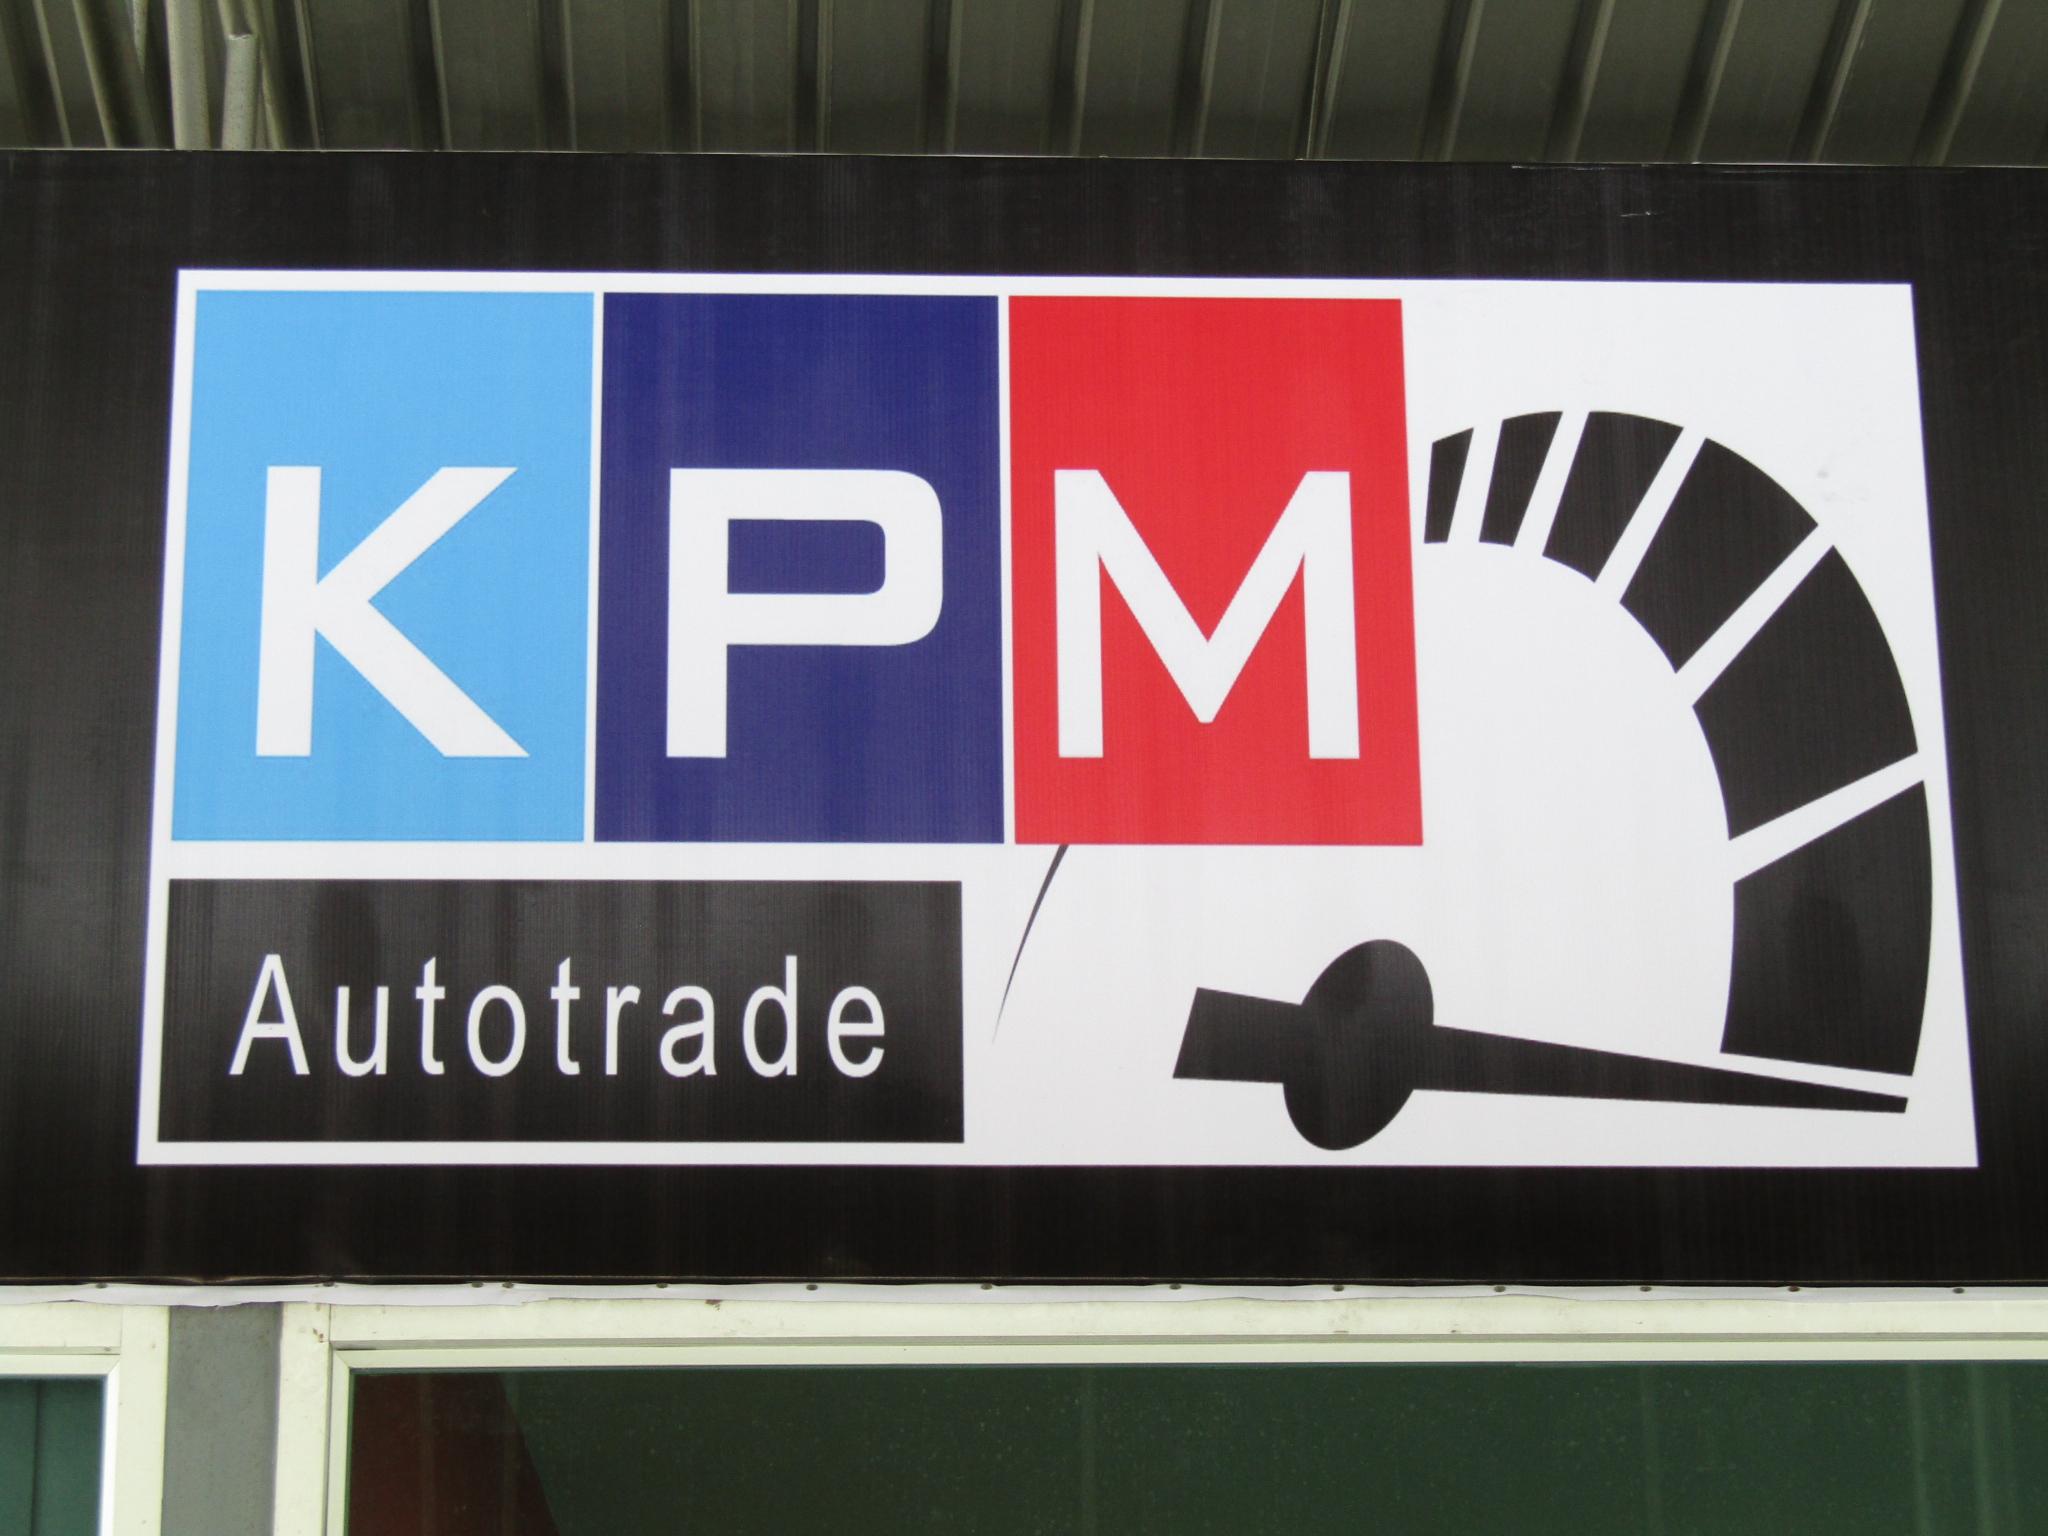 KPM auto trade